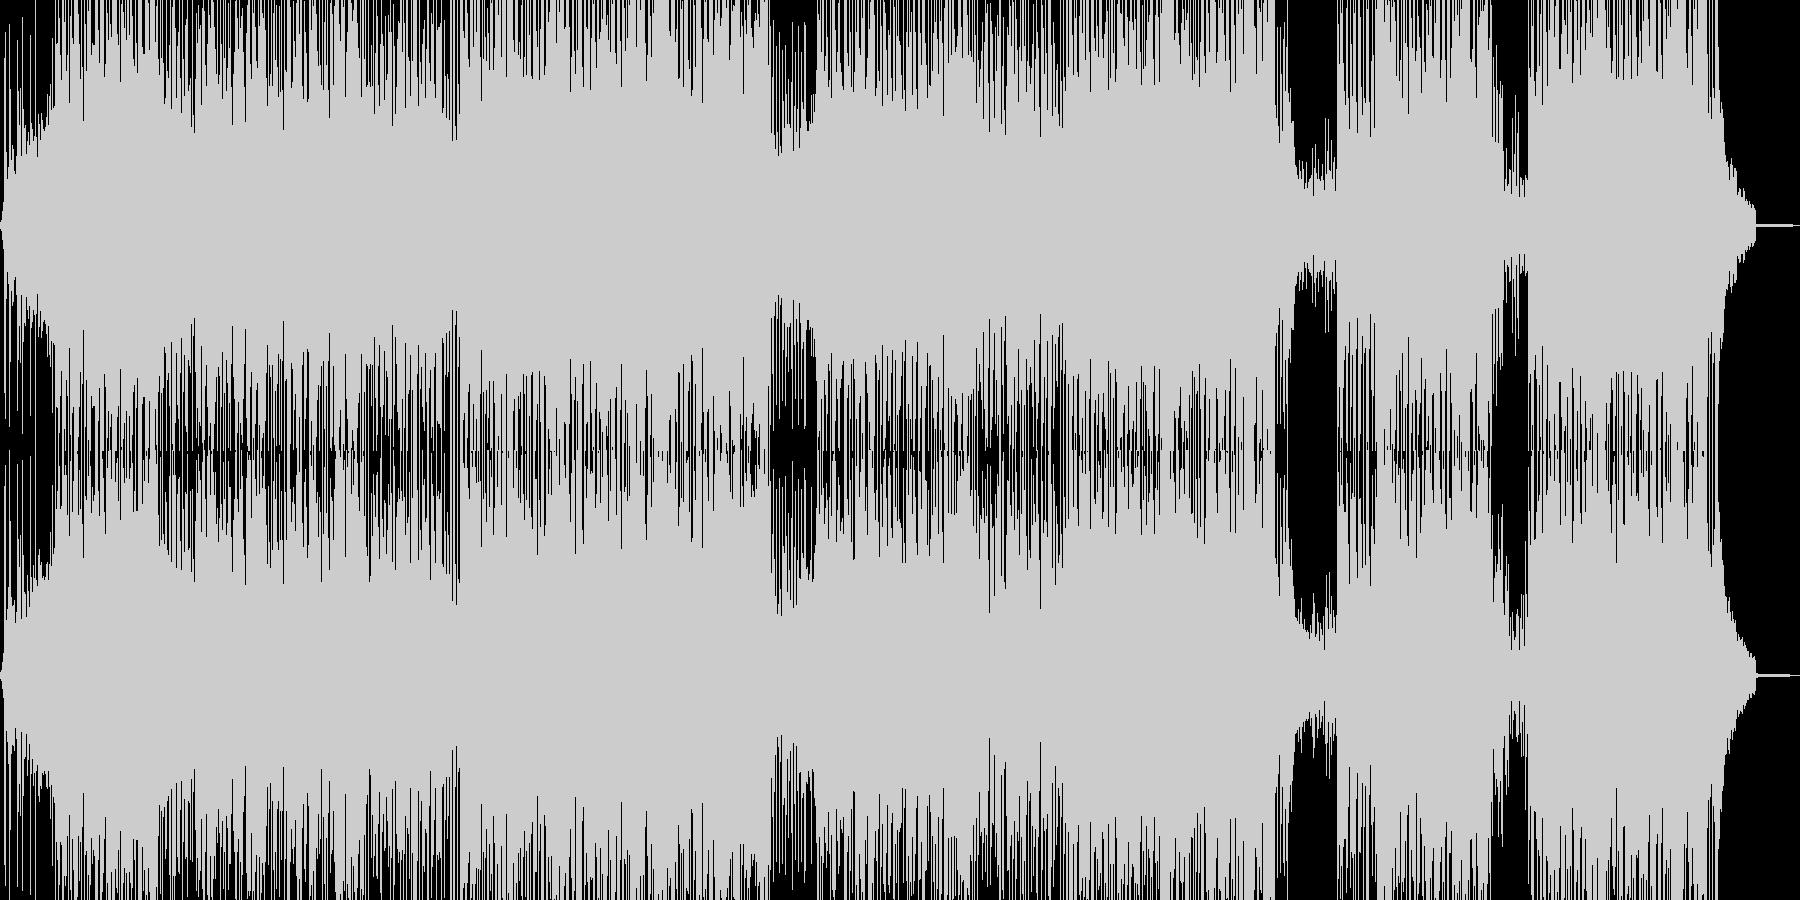 疾走感溢れるビートの未再生の波形